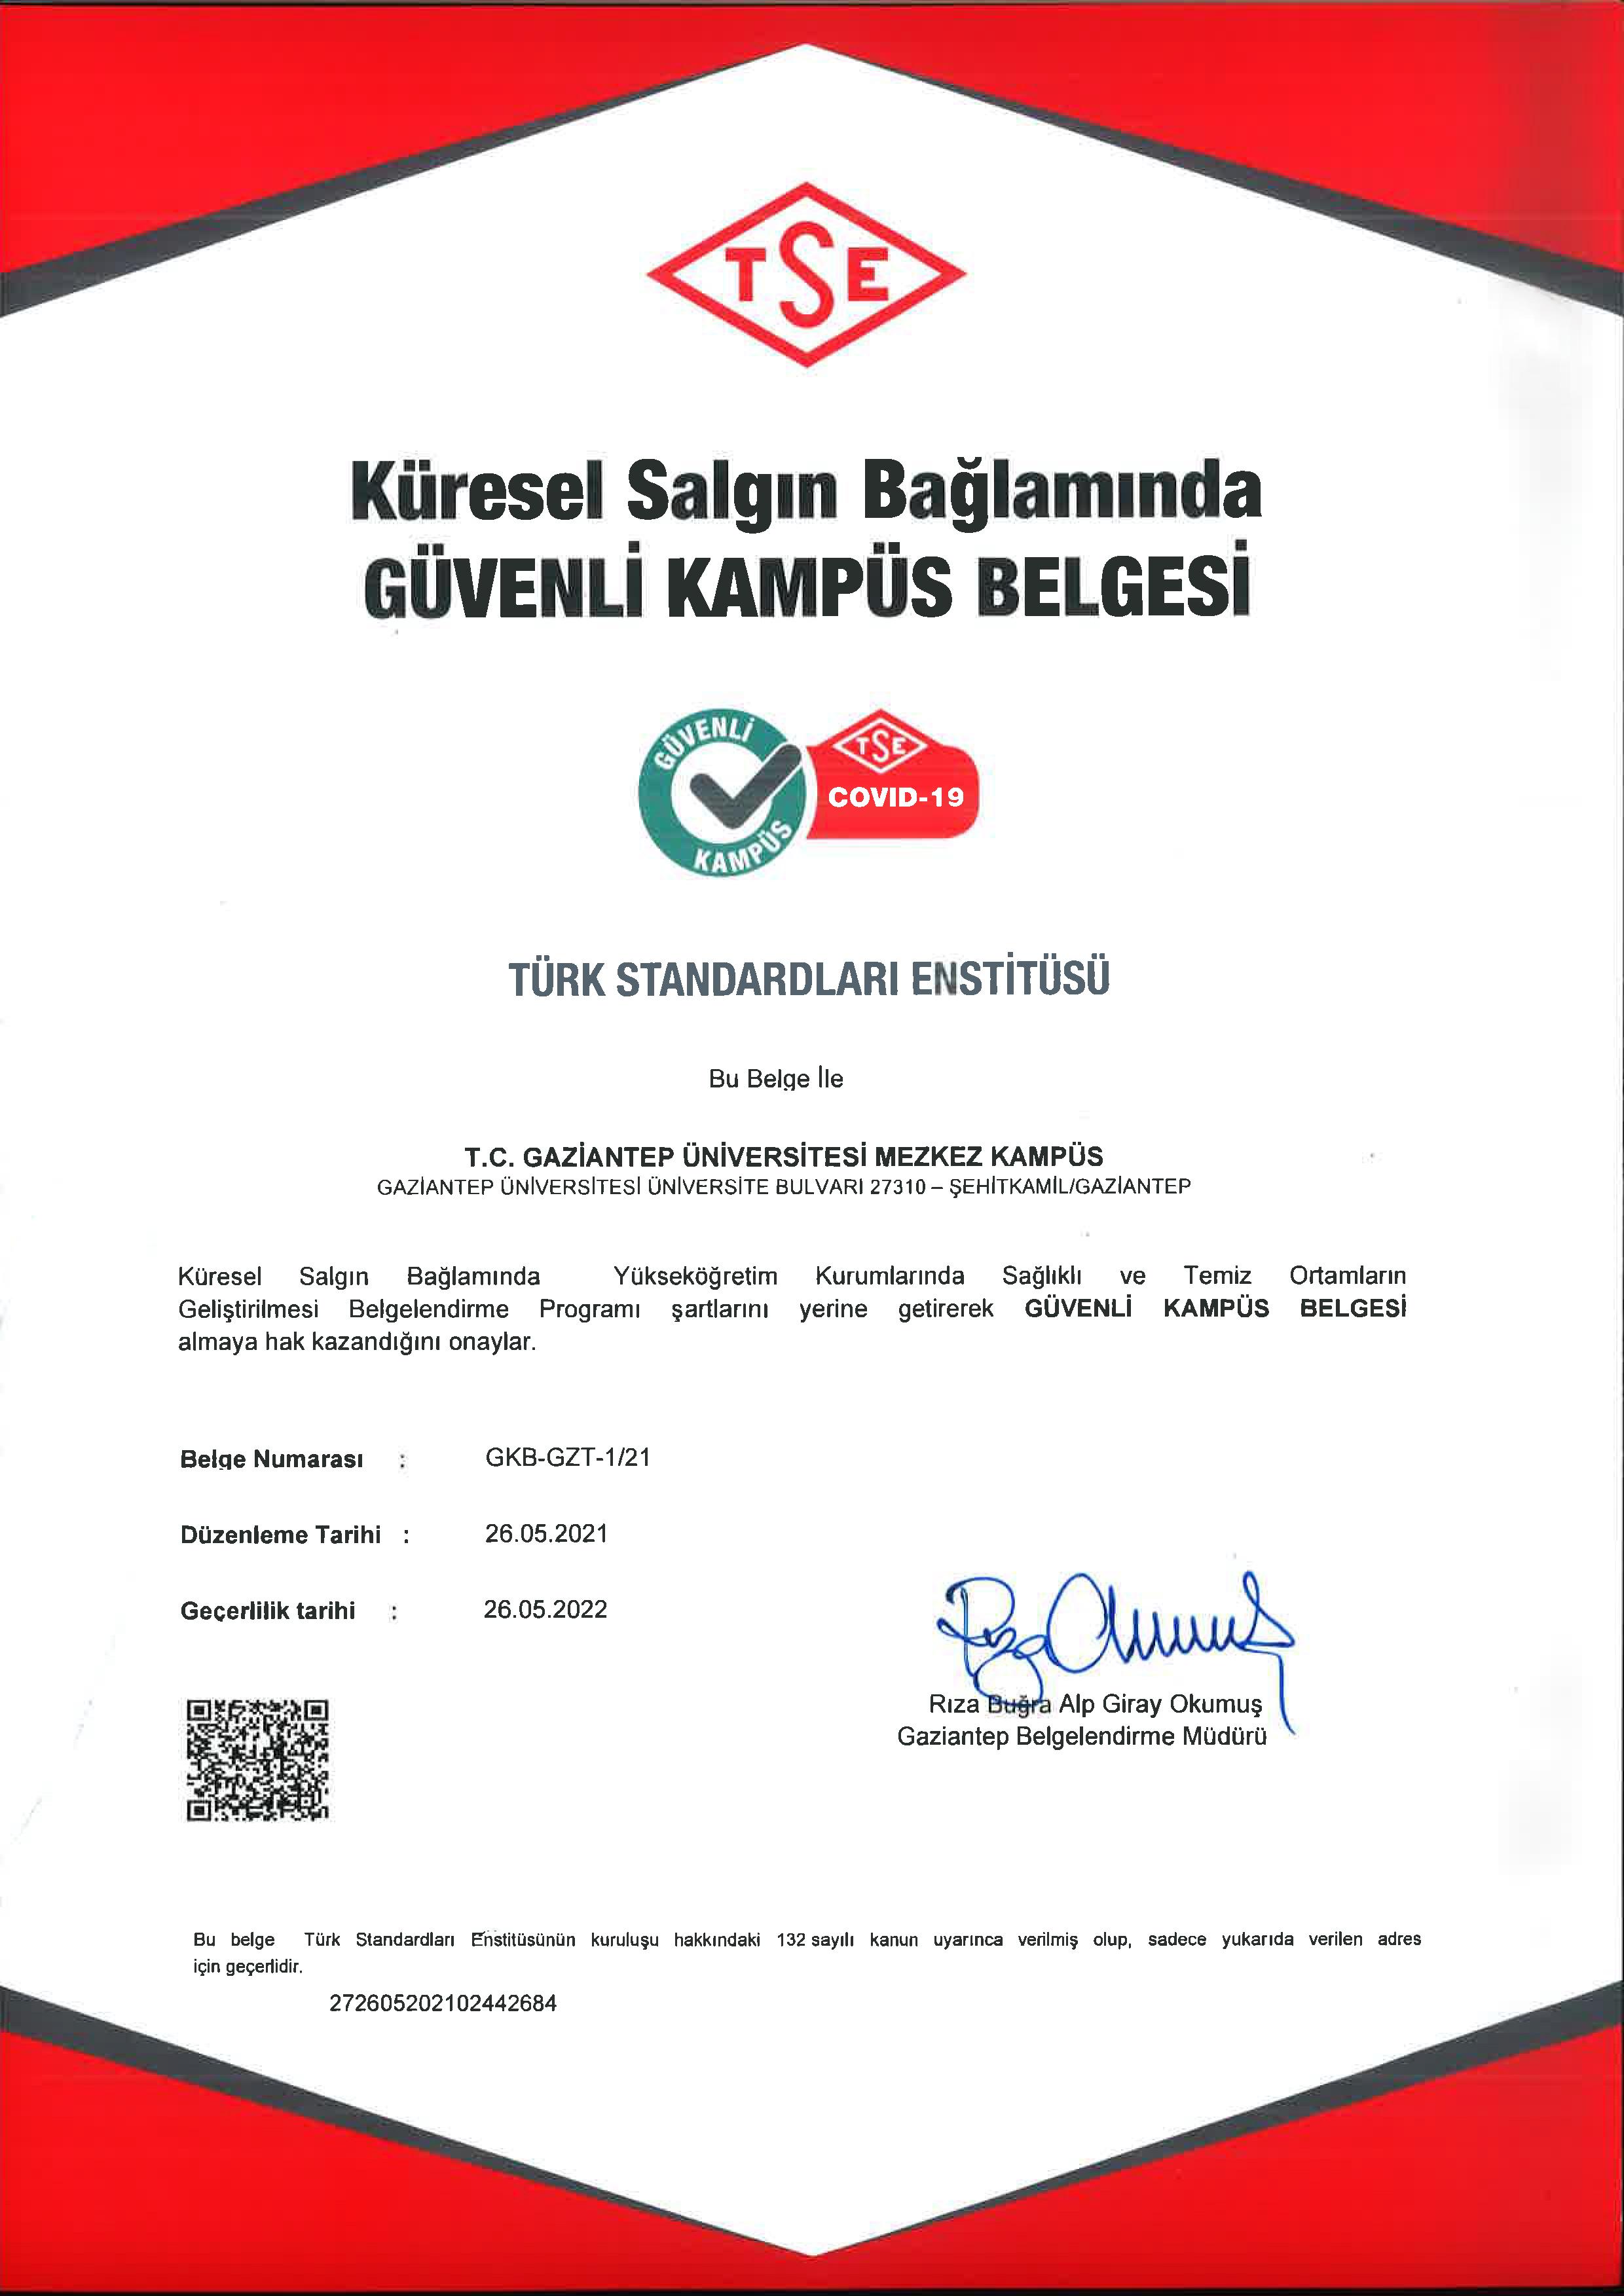 GAZİANTEP ÜNİVERSİTESİ MERKEZ KAMPÜS-TR